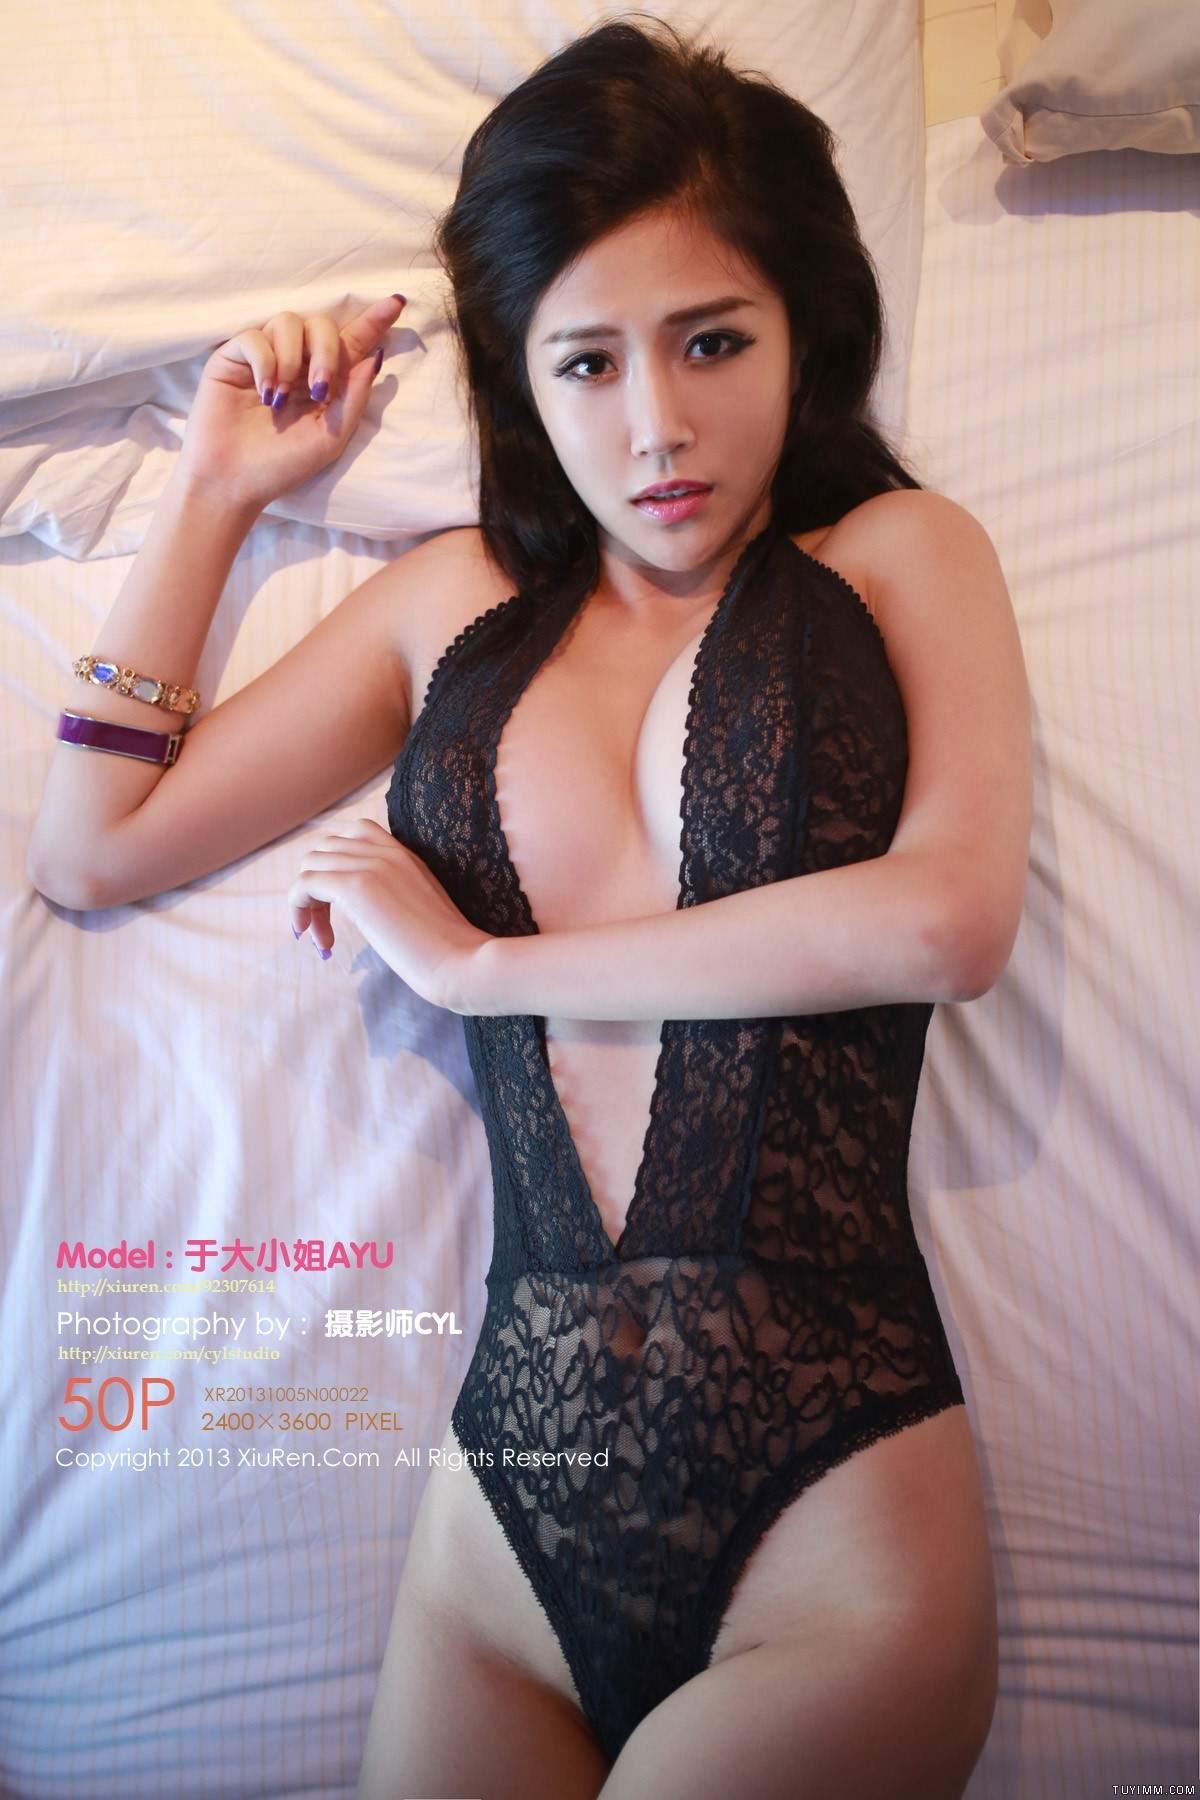 [福利]于大小姐AYU的辅助网-第51张图片-哔哔娱乐网